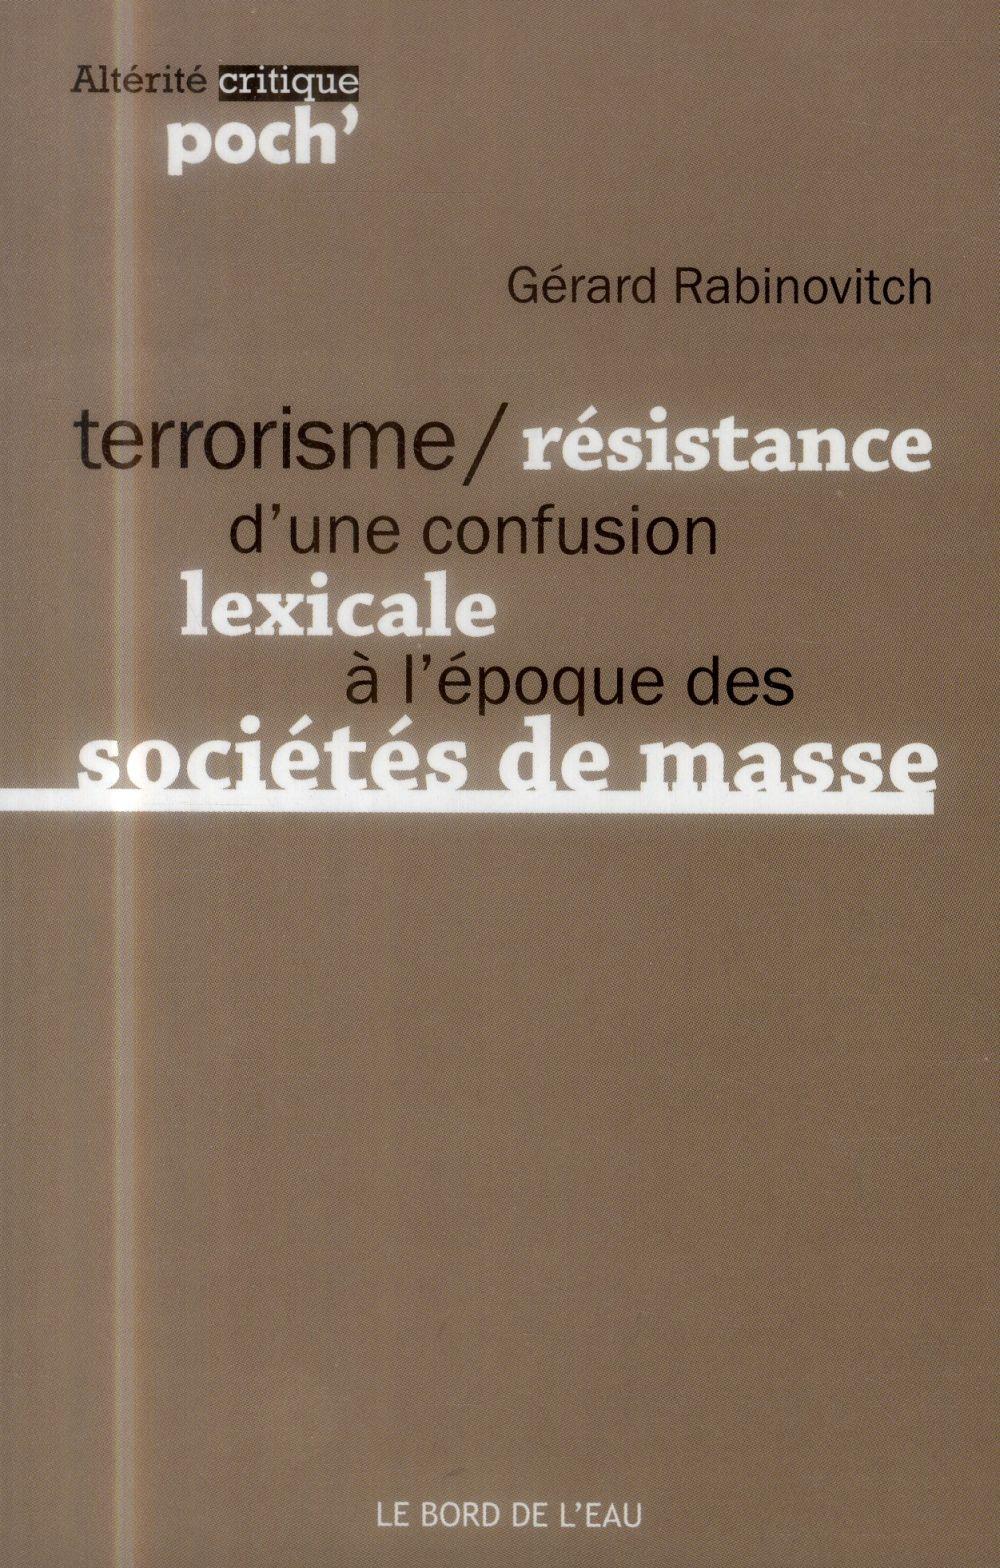 Terrorisme / résistance, d'une confusion lexicale à l'époque des sociétés de masse